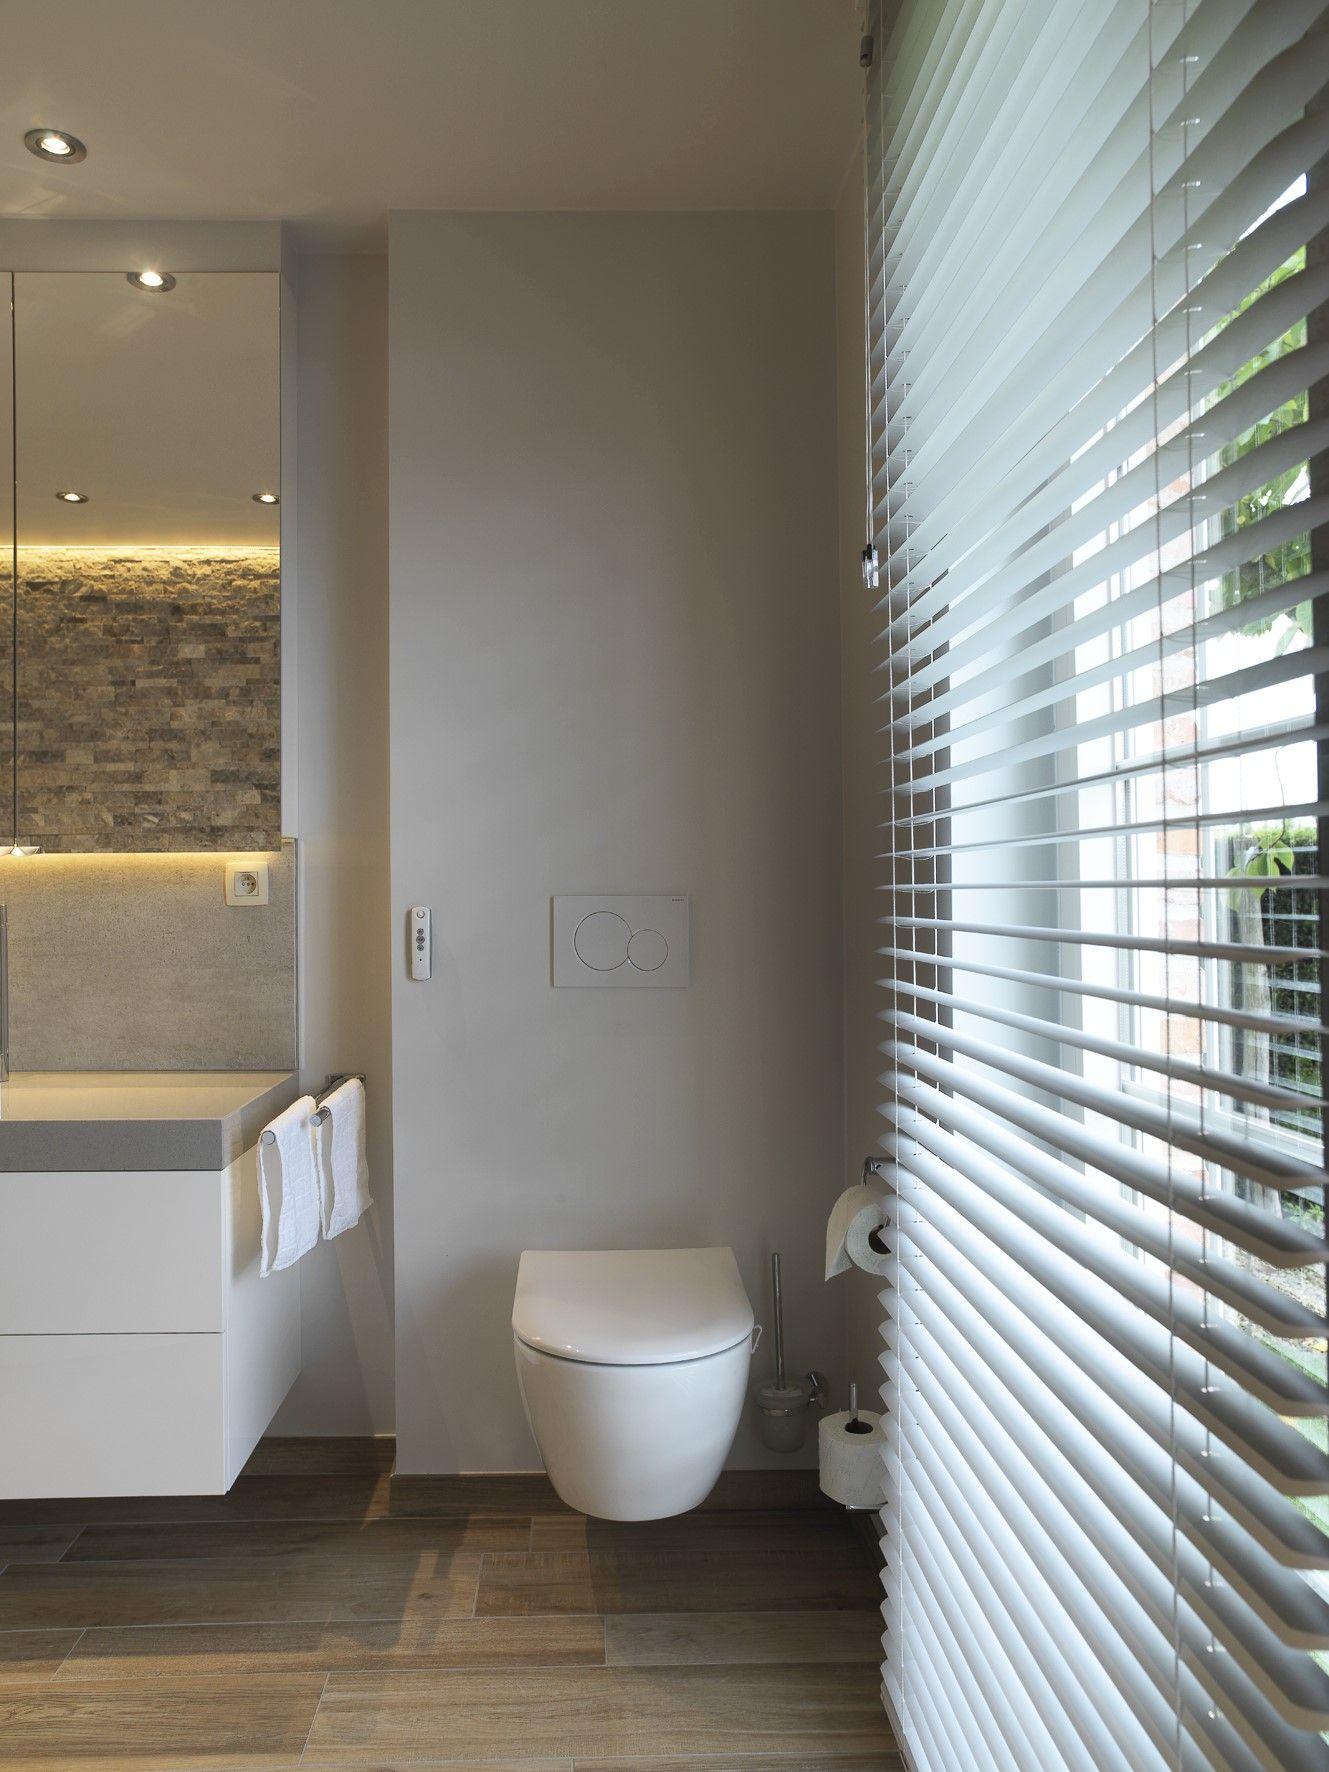 Assenti bathroom furniture   Badkamer inspiratie by Bex Volendam ...